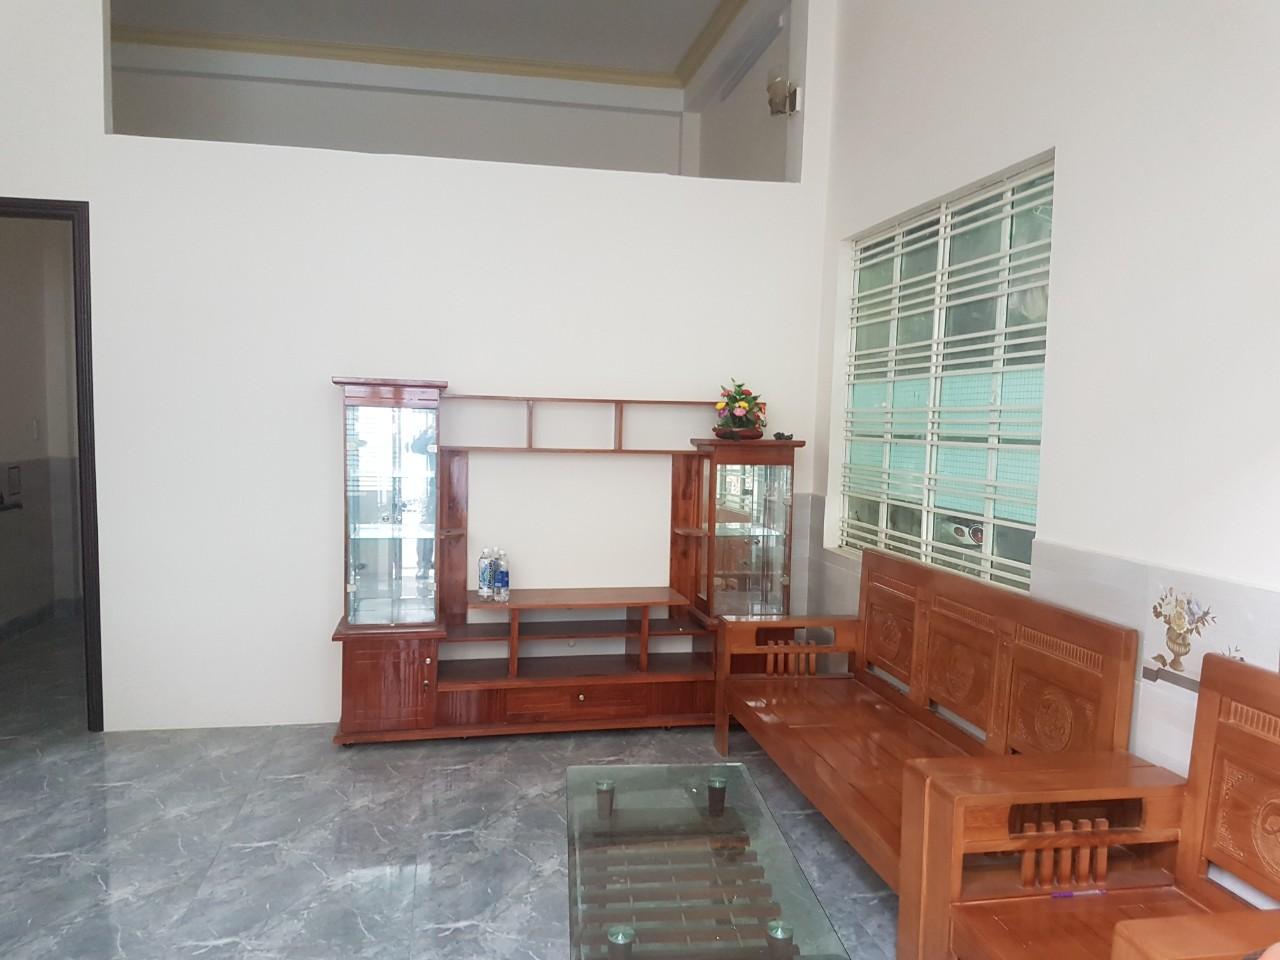 Nhà 2 mặt kiệt đường Hoàng Diệu, phường Bình Thuận, Đà Nẵng